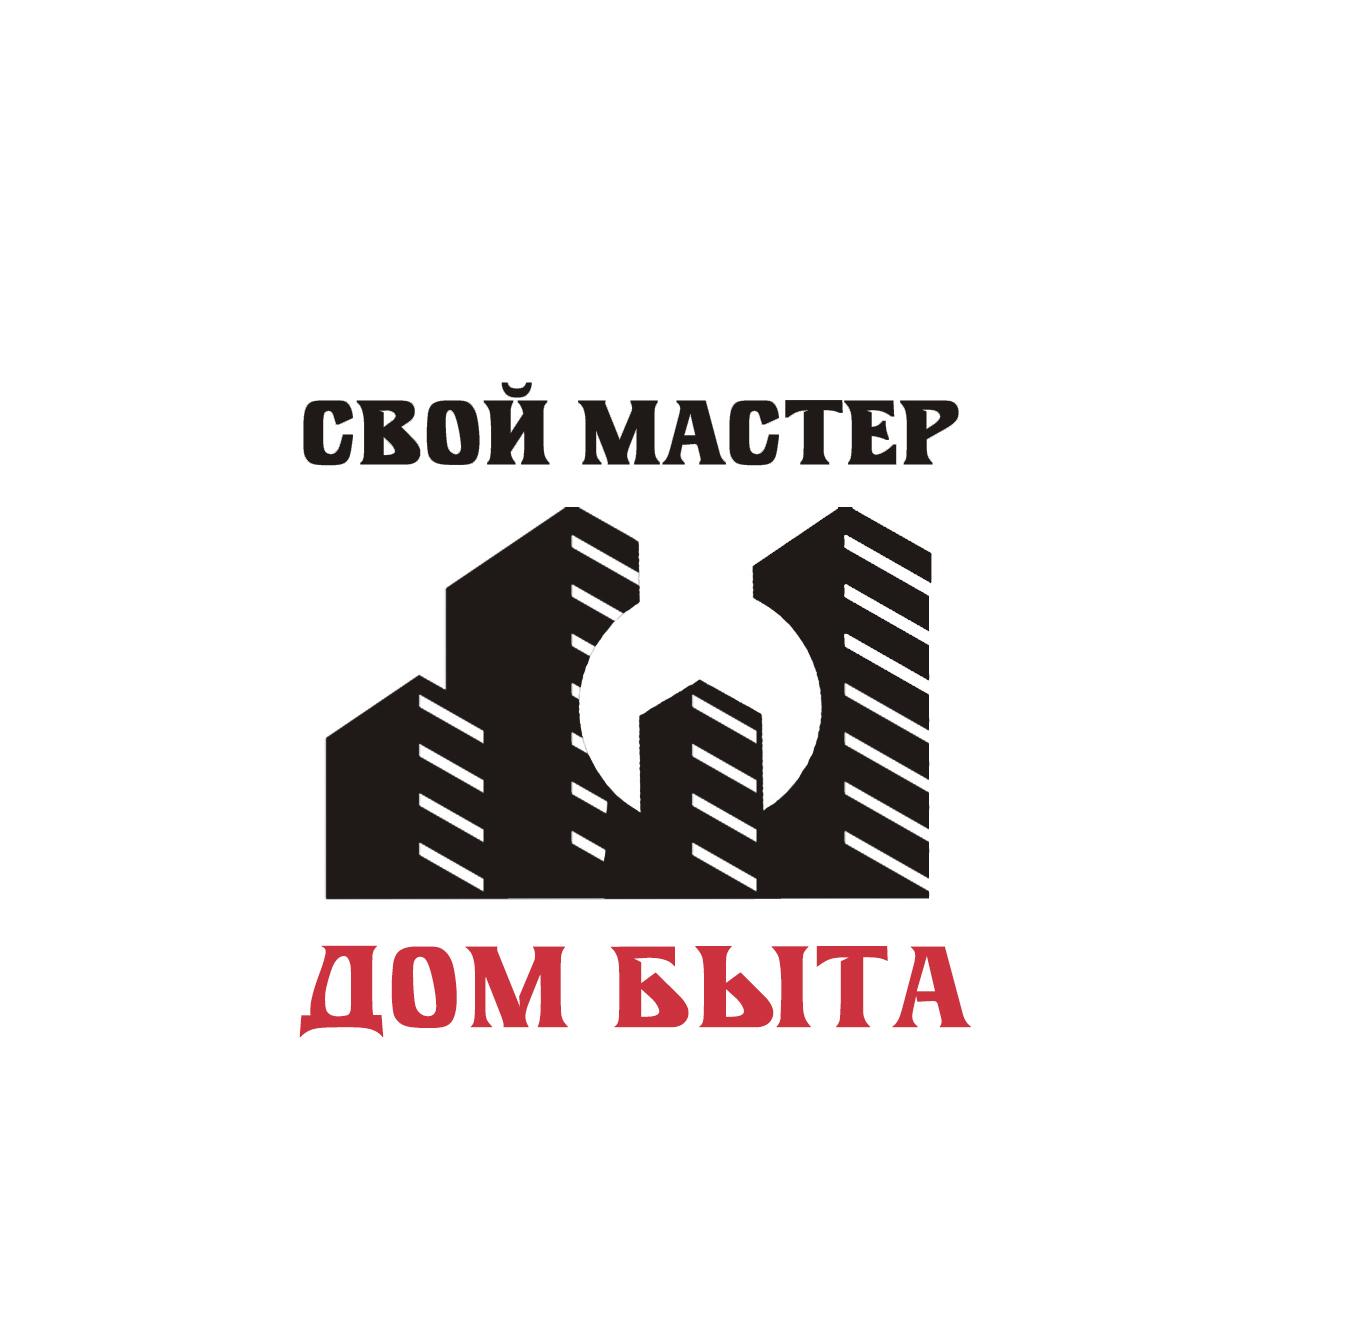 Логотип для сетевого ДОМ БЫТА фото f_1725d7502109ec66.jpg